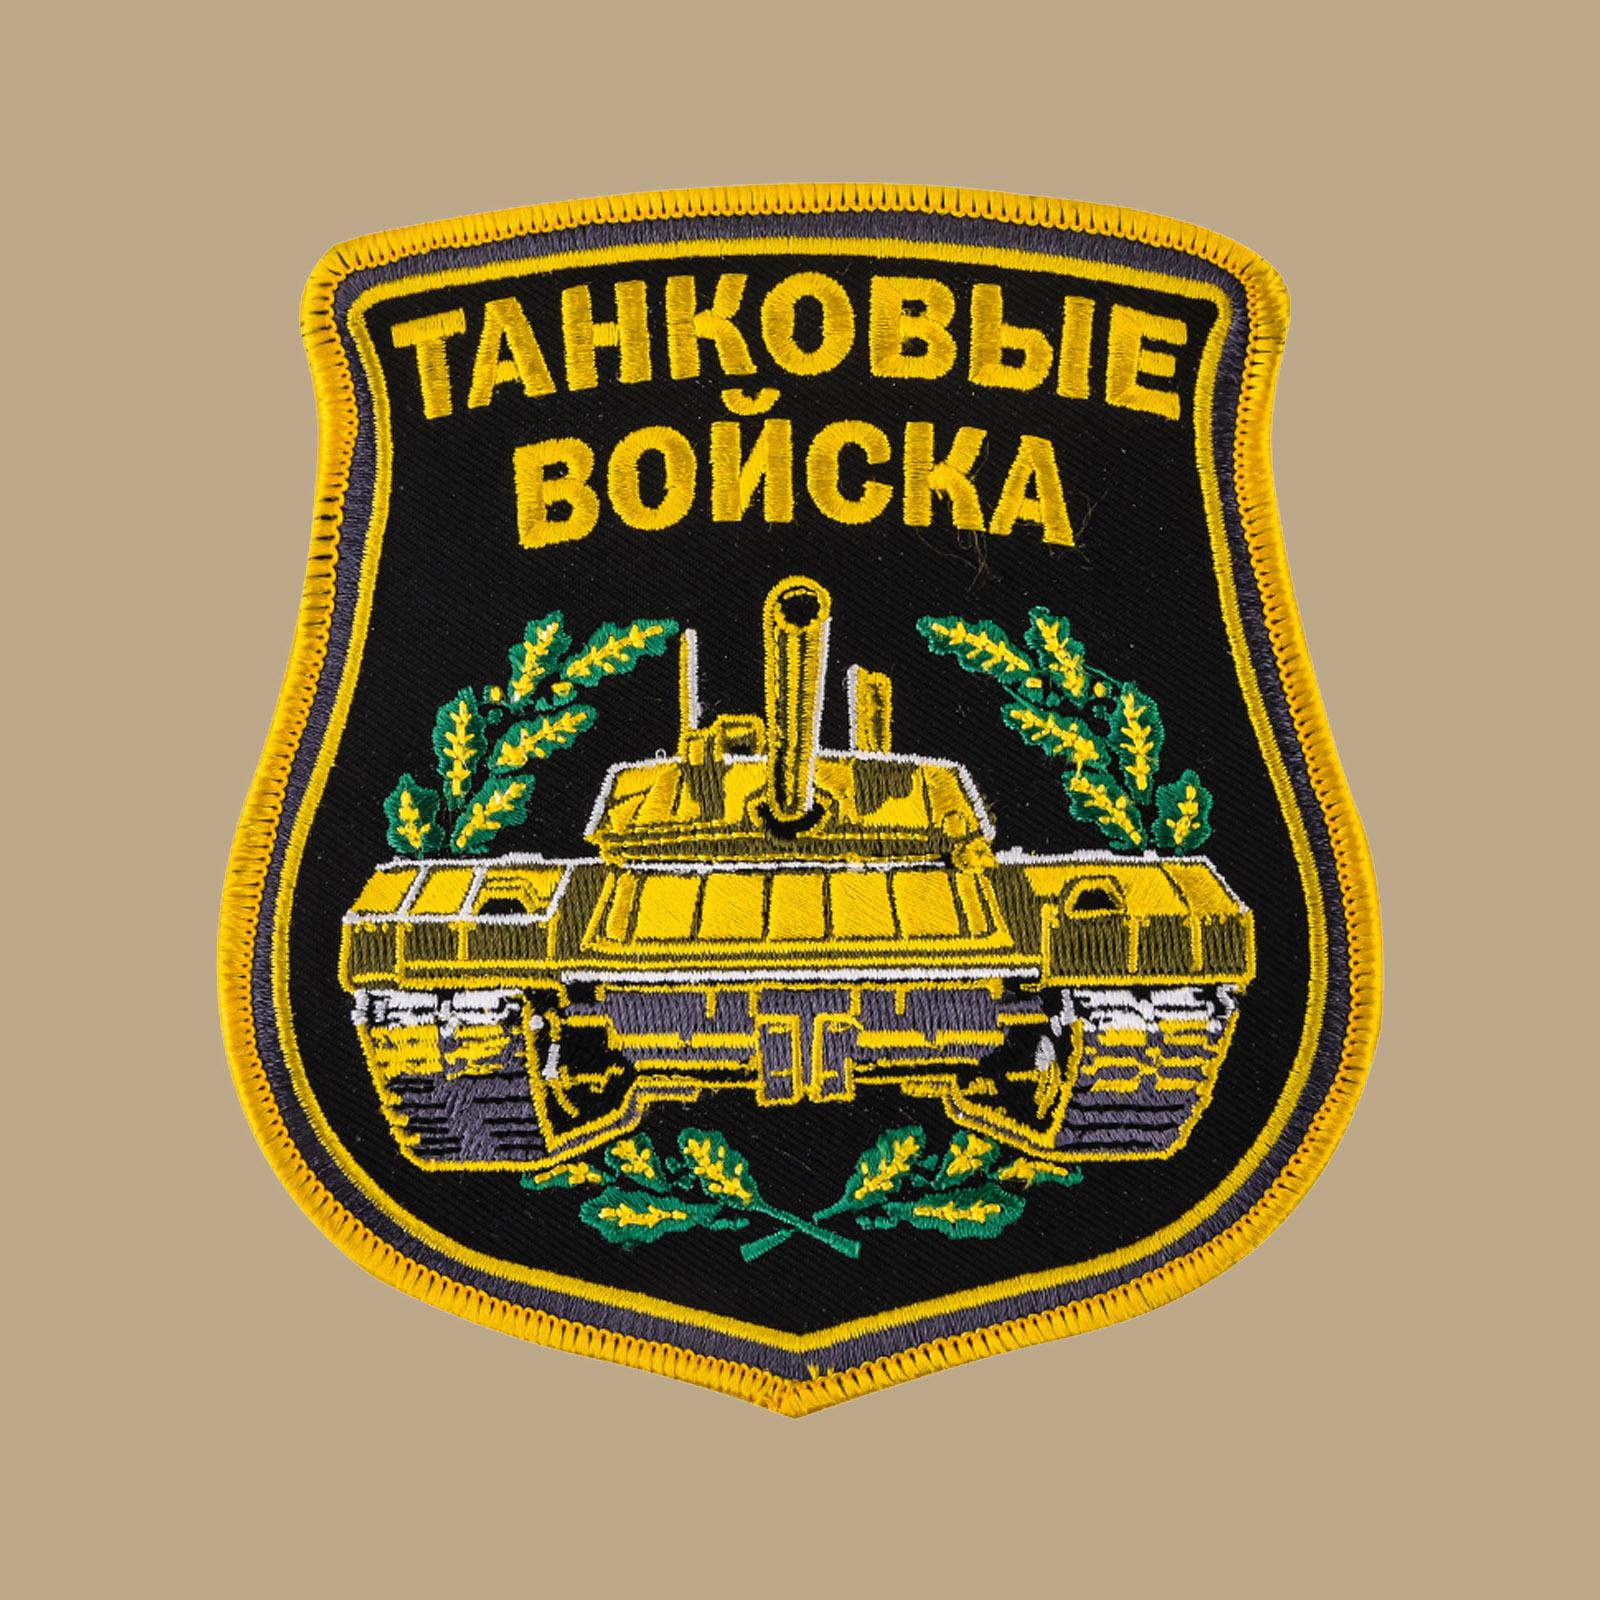 Футболка мужская хлопковая с вышитой эмблемой Танковых Войск